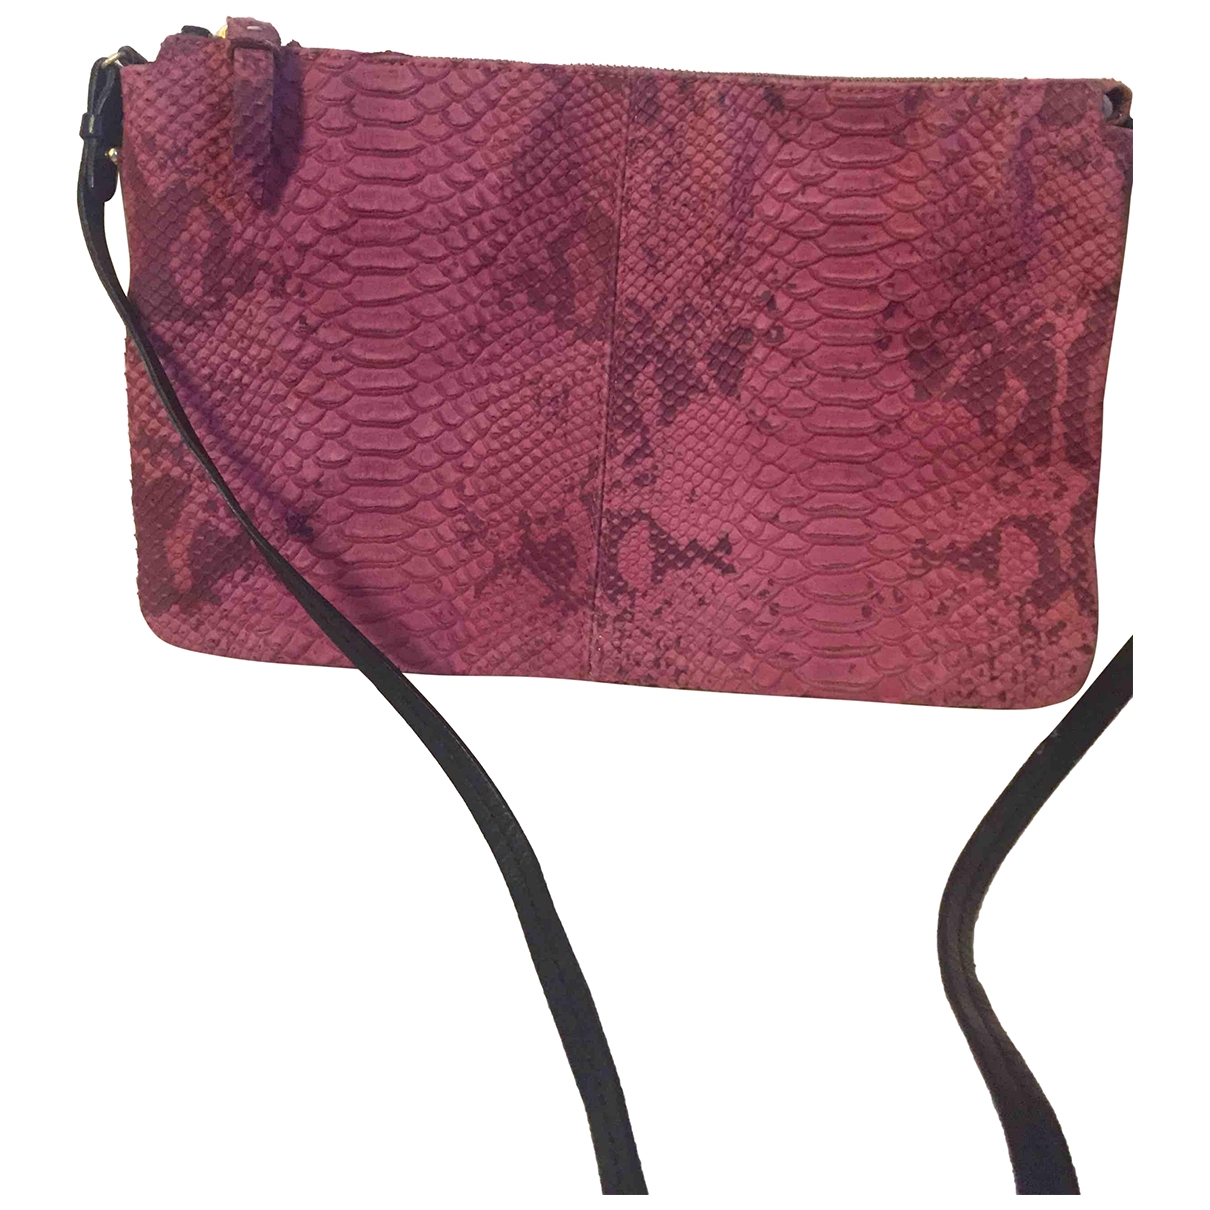 Bolsos clutch en Sintetico Rosa Zara